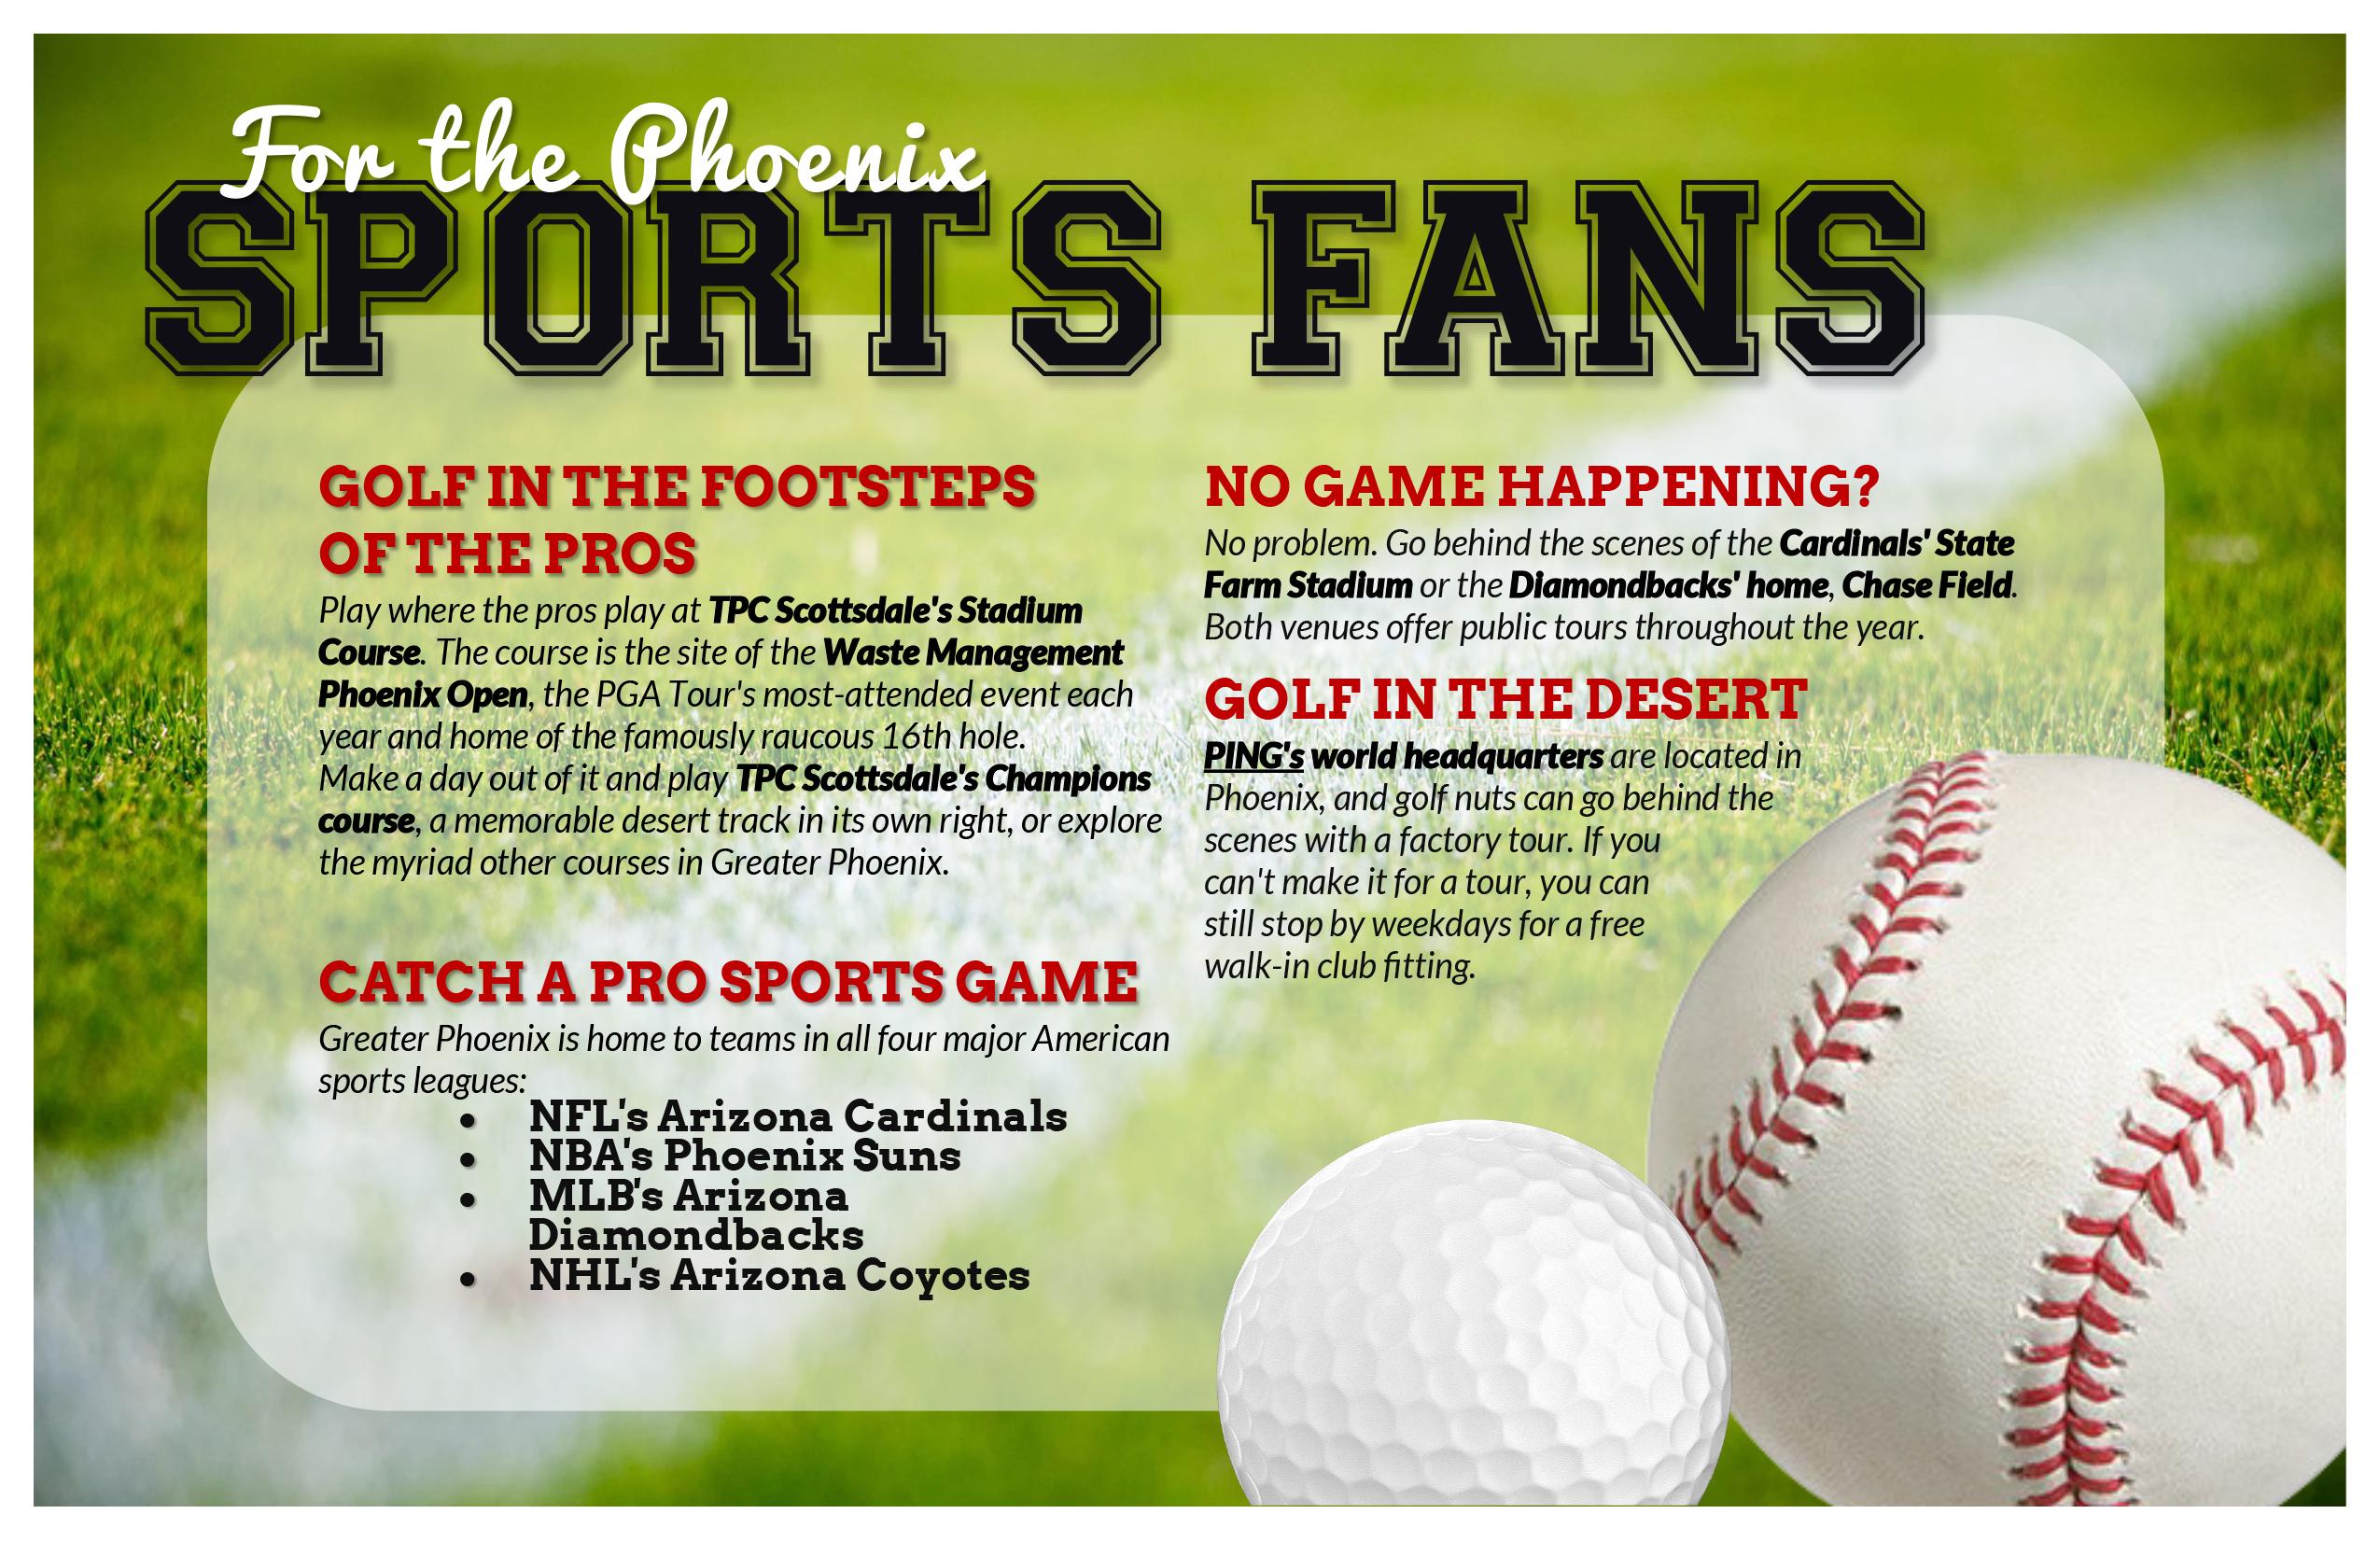 Phoenix Sports Fans